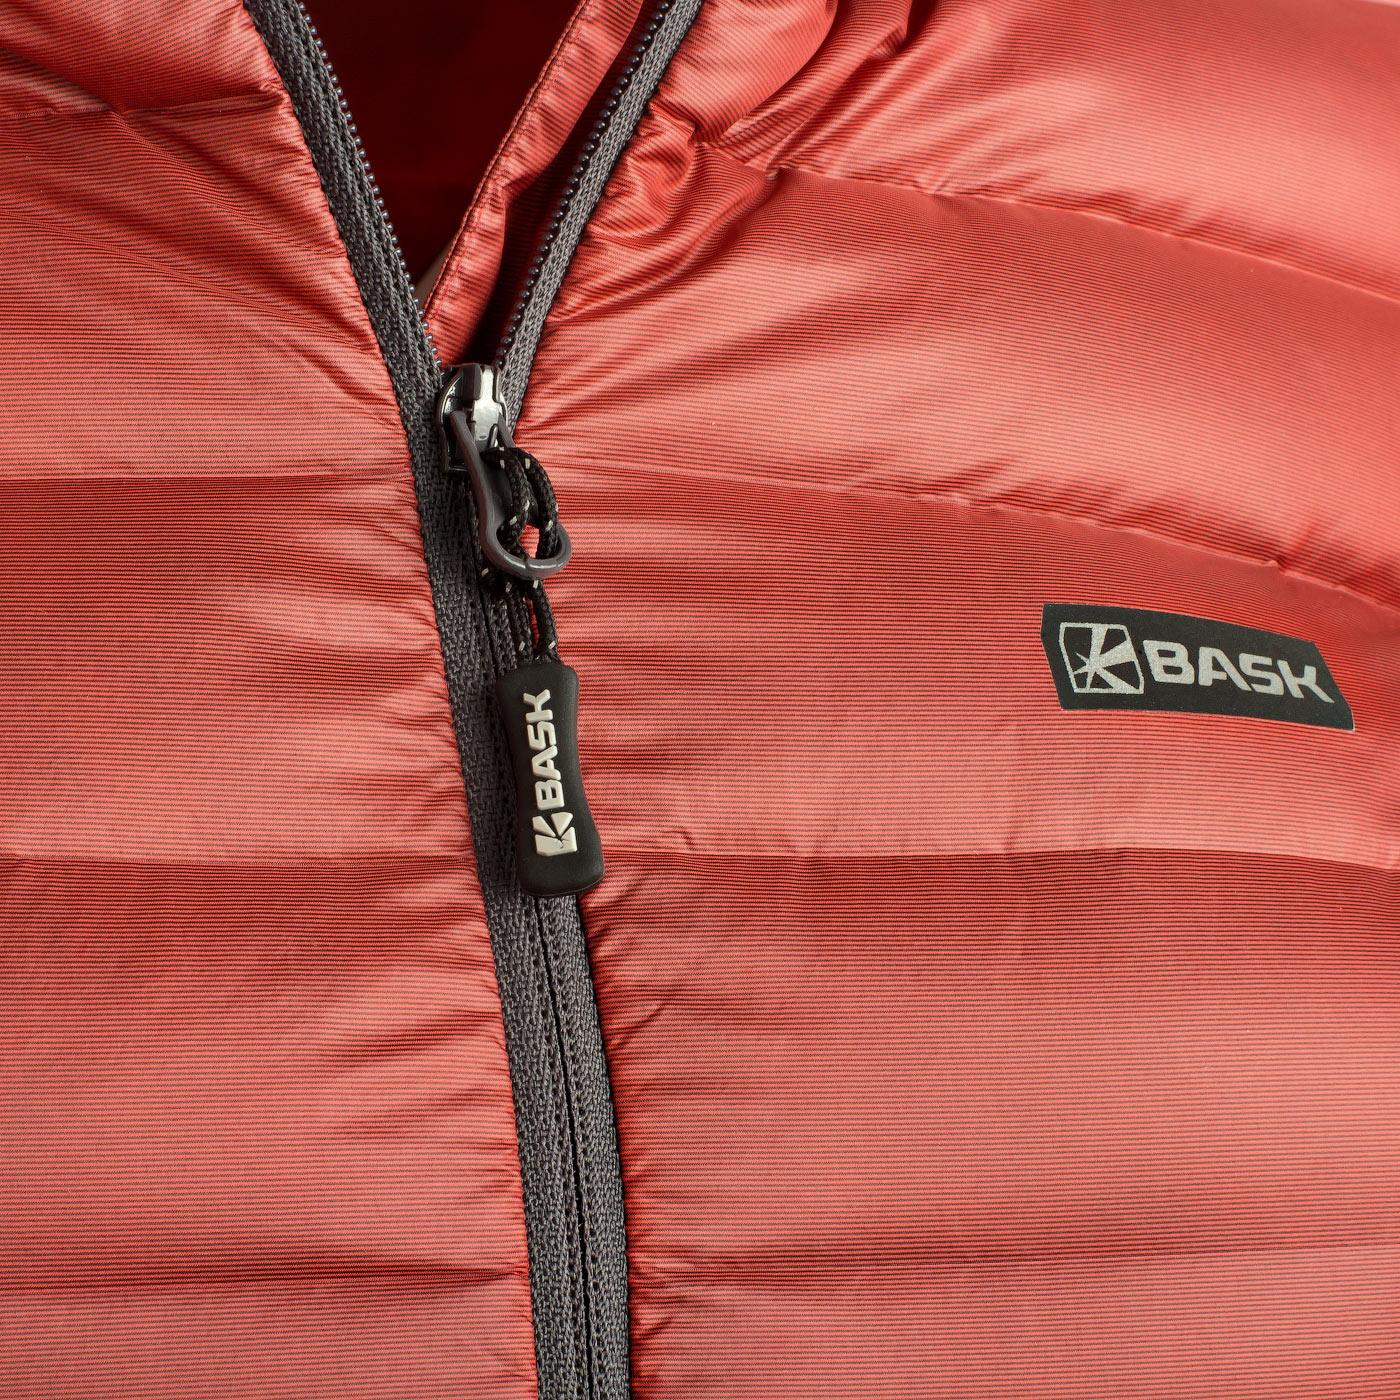 Пуховая куртка BASK CHAMONIX LIGHT LJ 3680Куртки<br><br><br>Верхняя ткань: Advance® Superior<br>Вес граммы: 350<br>Вес утеплителя: 120<br>Ветро-влагозащитные свойства верхней ткани: Да<br>Ветрозащитная планка: Да<br>Ветрозащитная юбка: Нет<br>Влагозащитные молнии: Нет<br>Внутренние манжеты: Нет<br>Внутренняя ткань: Advance® Superior<br>Дублирующий центральную молнию клапан: Нет<br>Защитный козырёк капюшона: Нет<br>Капюшон: Несъемный<br>Карман для средств связи: Нет<br>Количество внешних карманов: 2<br>Количество внутренних карманов: 1<br>Мембрана: Нет<br>Объемный крой локтевой зоны: Нет<br>Отстёгивающиеся рукава: Нет<br>Показатель Fill Power (для пуховых изделий): 800<br>Пол: Женский<br>Проклейка швов: Нет<br>Регулировка манжетов рукавов: Нет<br>Регулировка низа: Да<br>Регулировка объёма капюшона: Да<br>Регулировка талии: Нет<br>Регулируемые вентиляционные отверстия: Нет<br>Световозвращающая лента: Нет<br>Температурный режим: -10<br>Технология Thermal Welding: Нет<br>Технология швов: Простые<br>Тип молнии: Однозамковая<br>Тип утеплителя: Натуральный<br>Ткань усиления: нет<br>Усиление контактных зон: Нет<br>Утеплитель: Гусиный пух<br>Размер RU: 42<br>Цвет: СИНИЙ